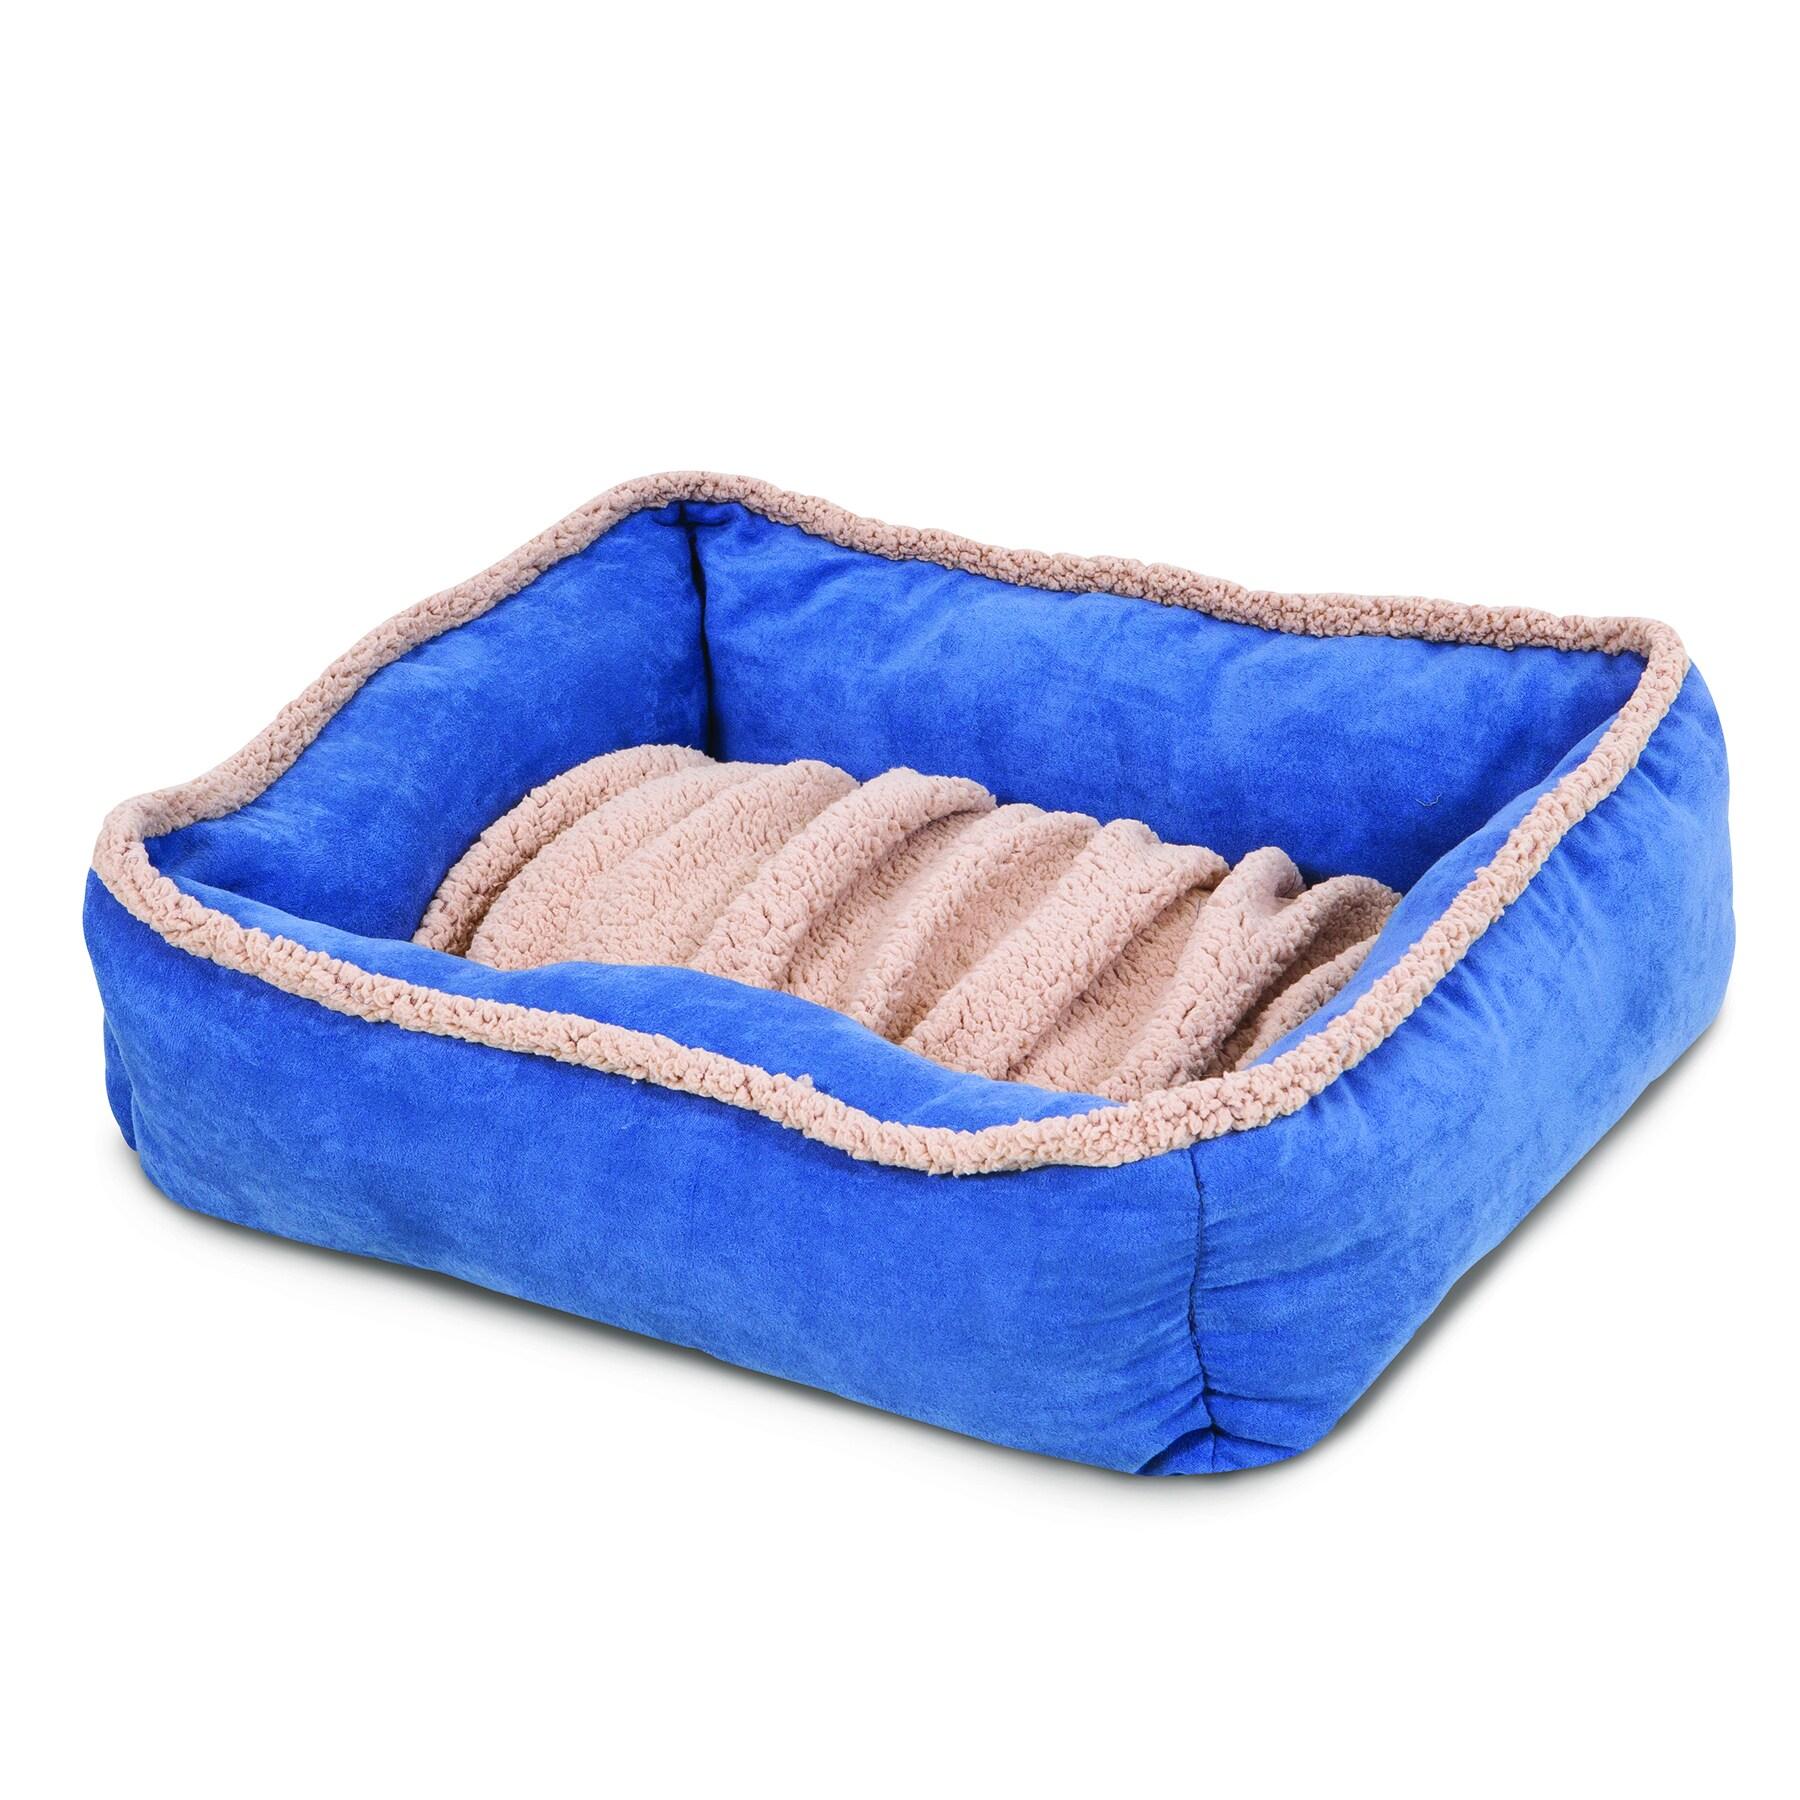 Aspen Pet Aspen Dig N Burrow Blue Polyester Pet Shearling...